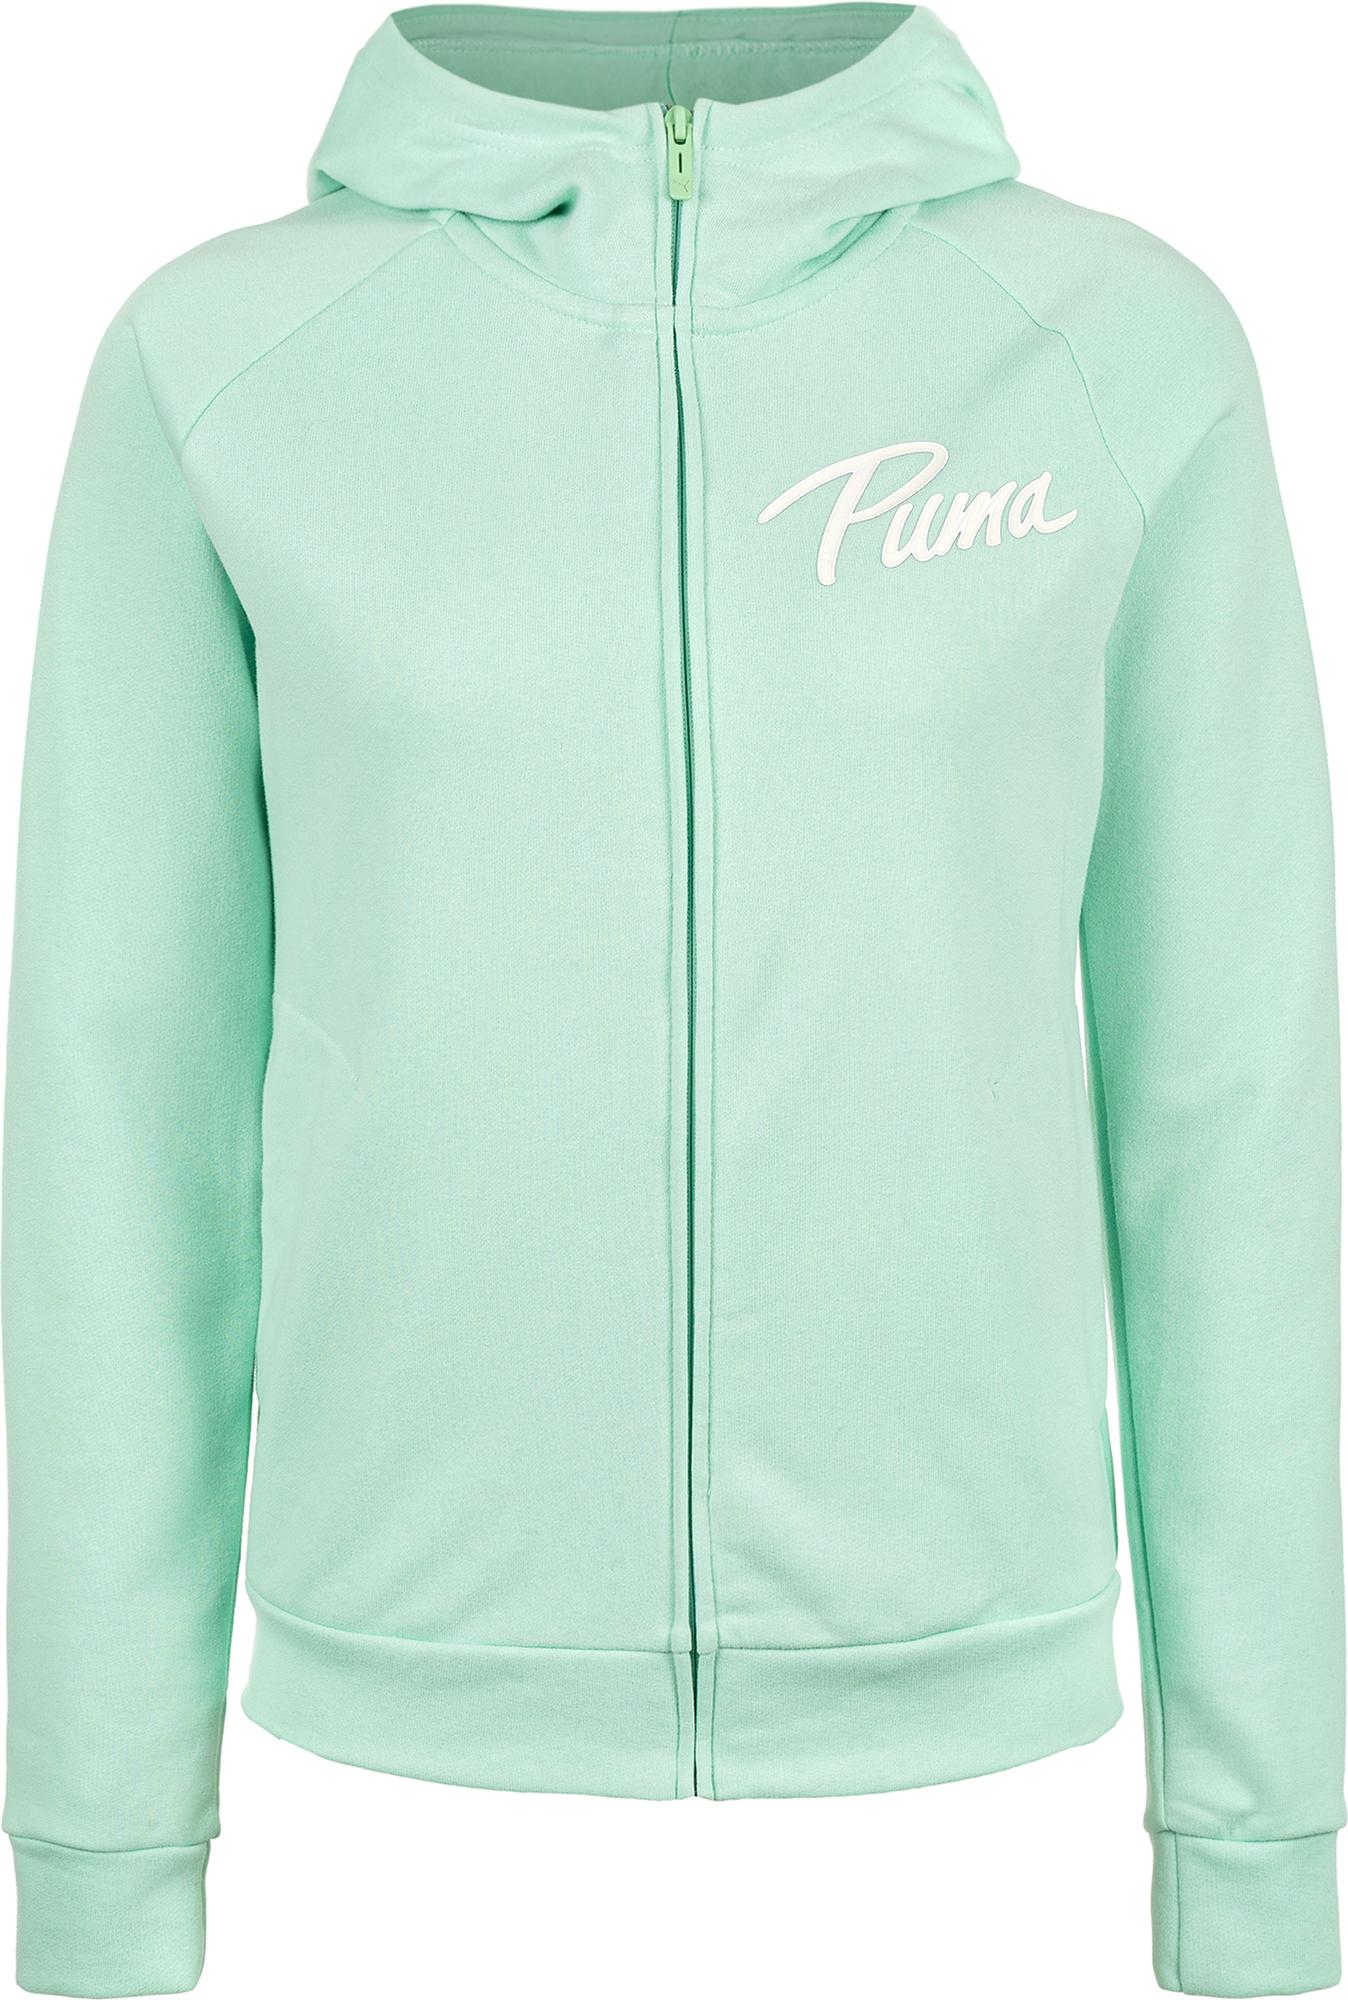 цена на PUMA Толстовка женская Puma Athletics, размер 46-48